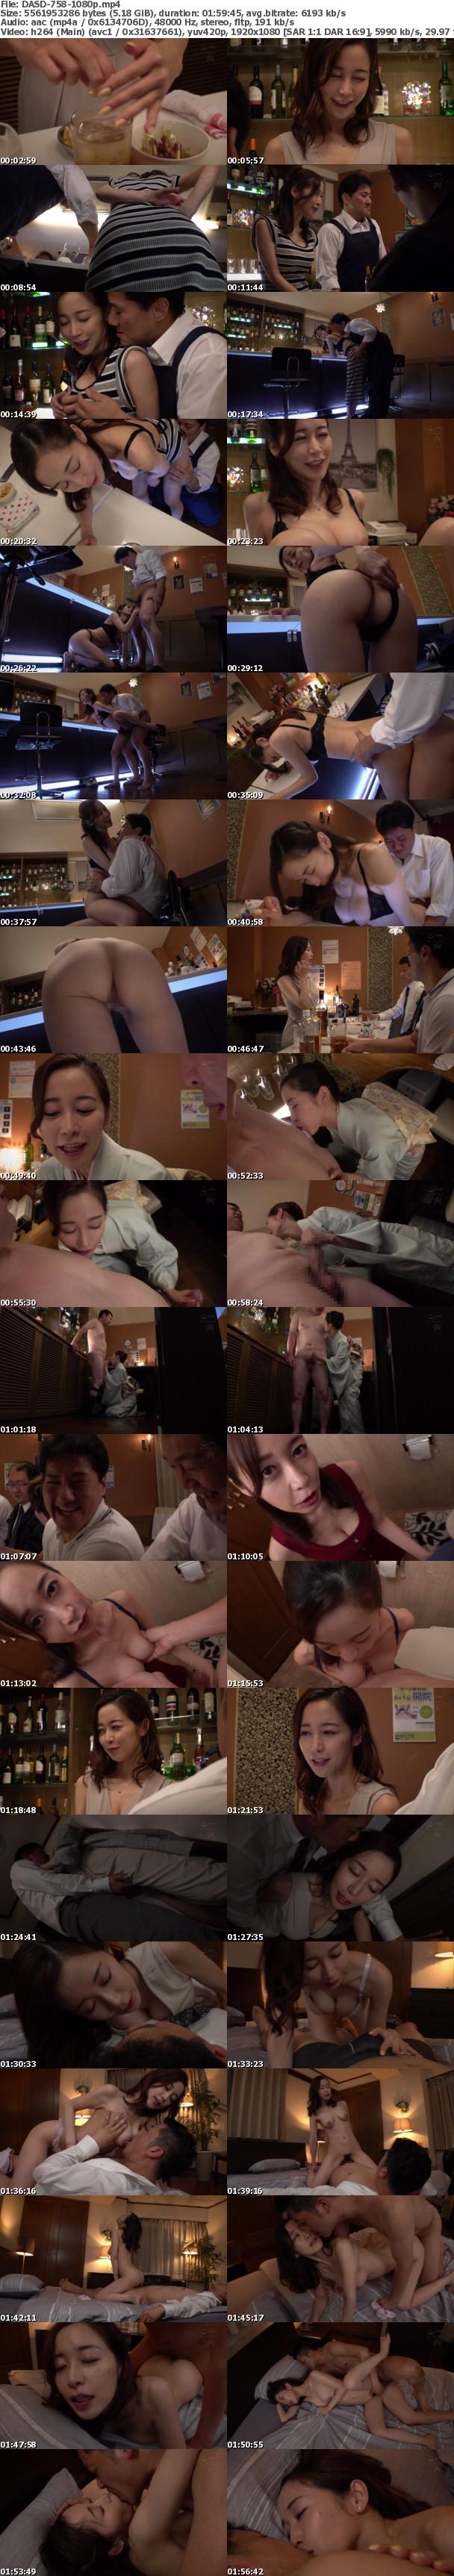 (Full HD) DASD-758 ヤレそうでヤレない。美人で有名なママがいる地方で人気のスナック店 篠田ゆう